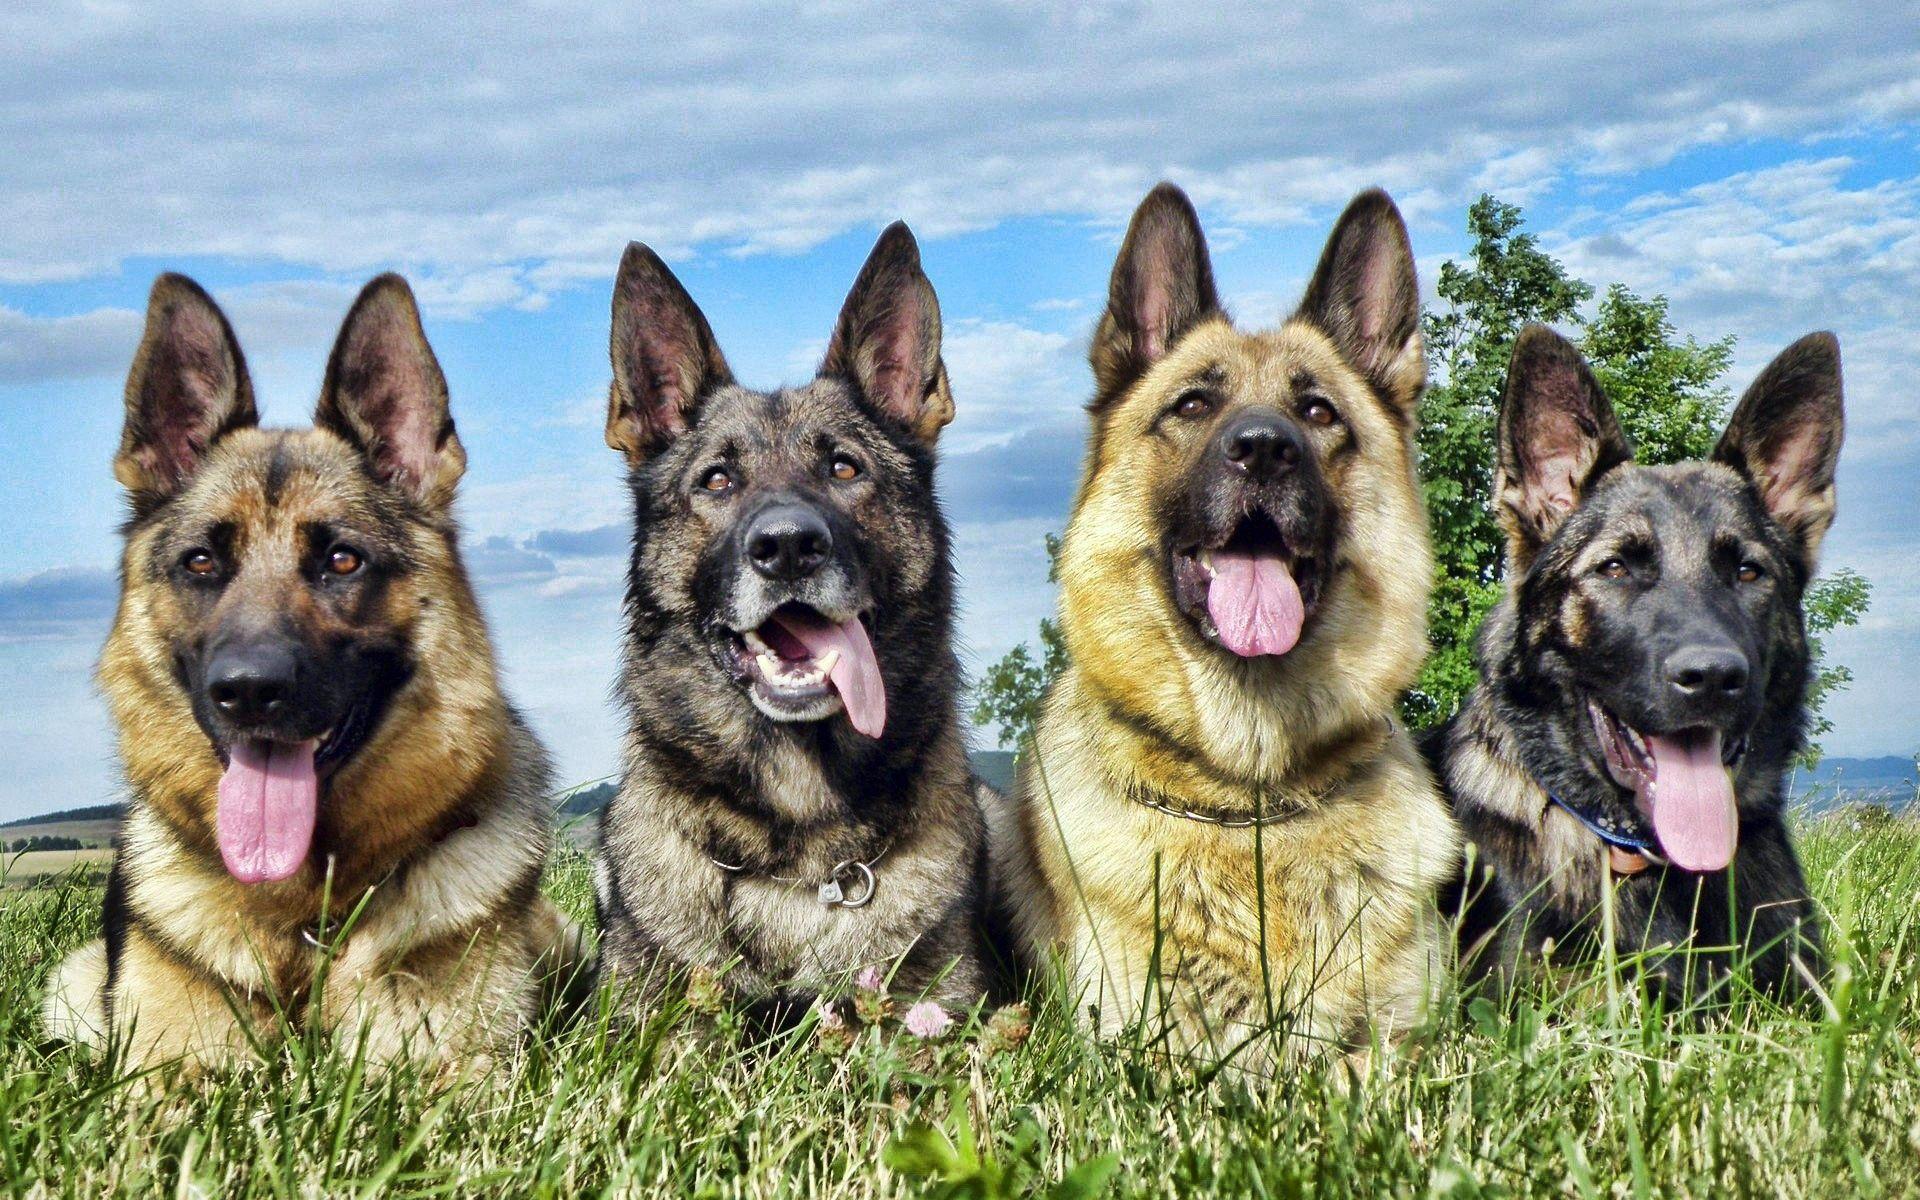 109752 скачать обои Собаки, Лежать, Животные, Трава, Овчарки - заставки и картинки бесплатно